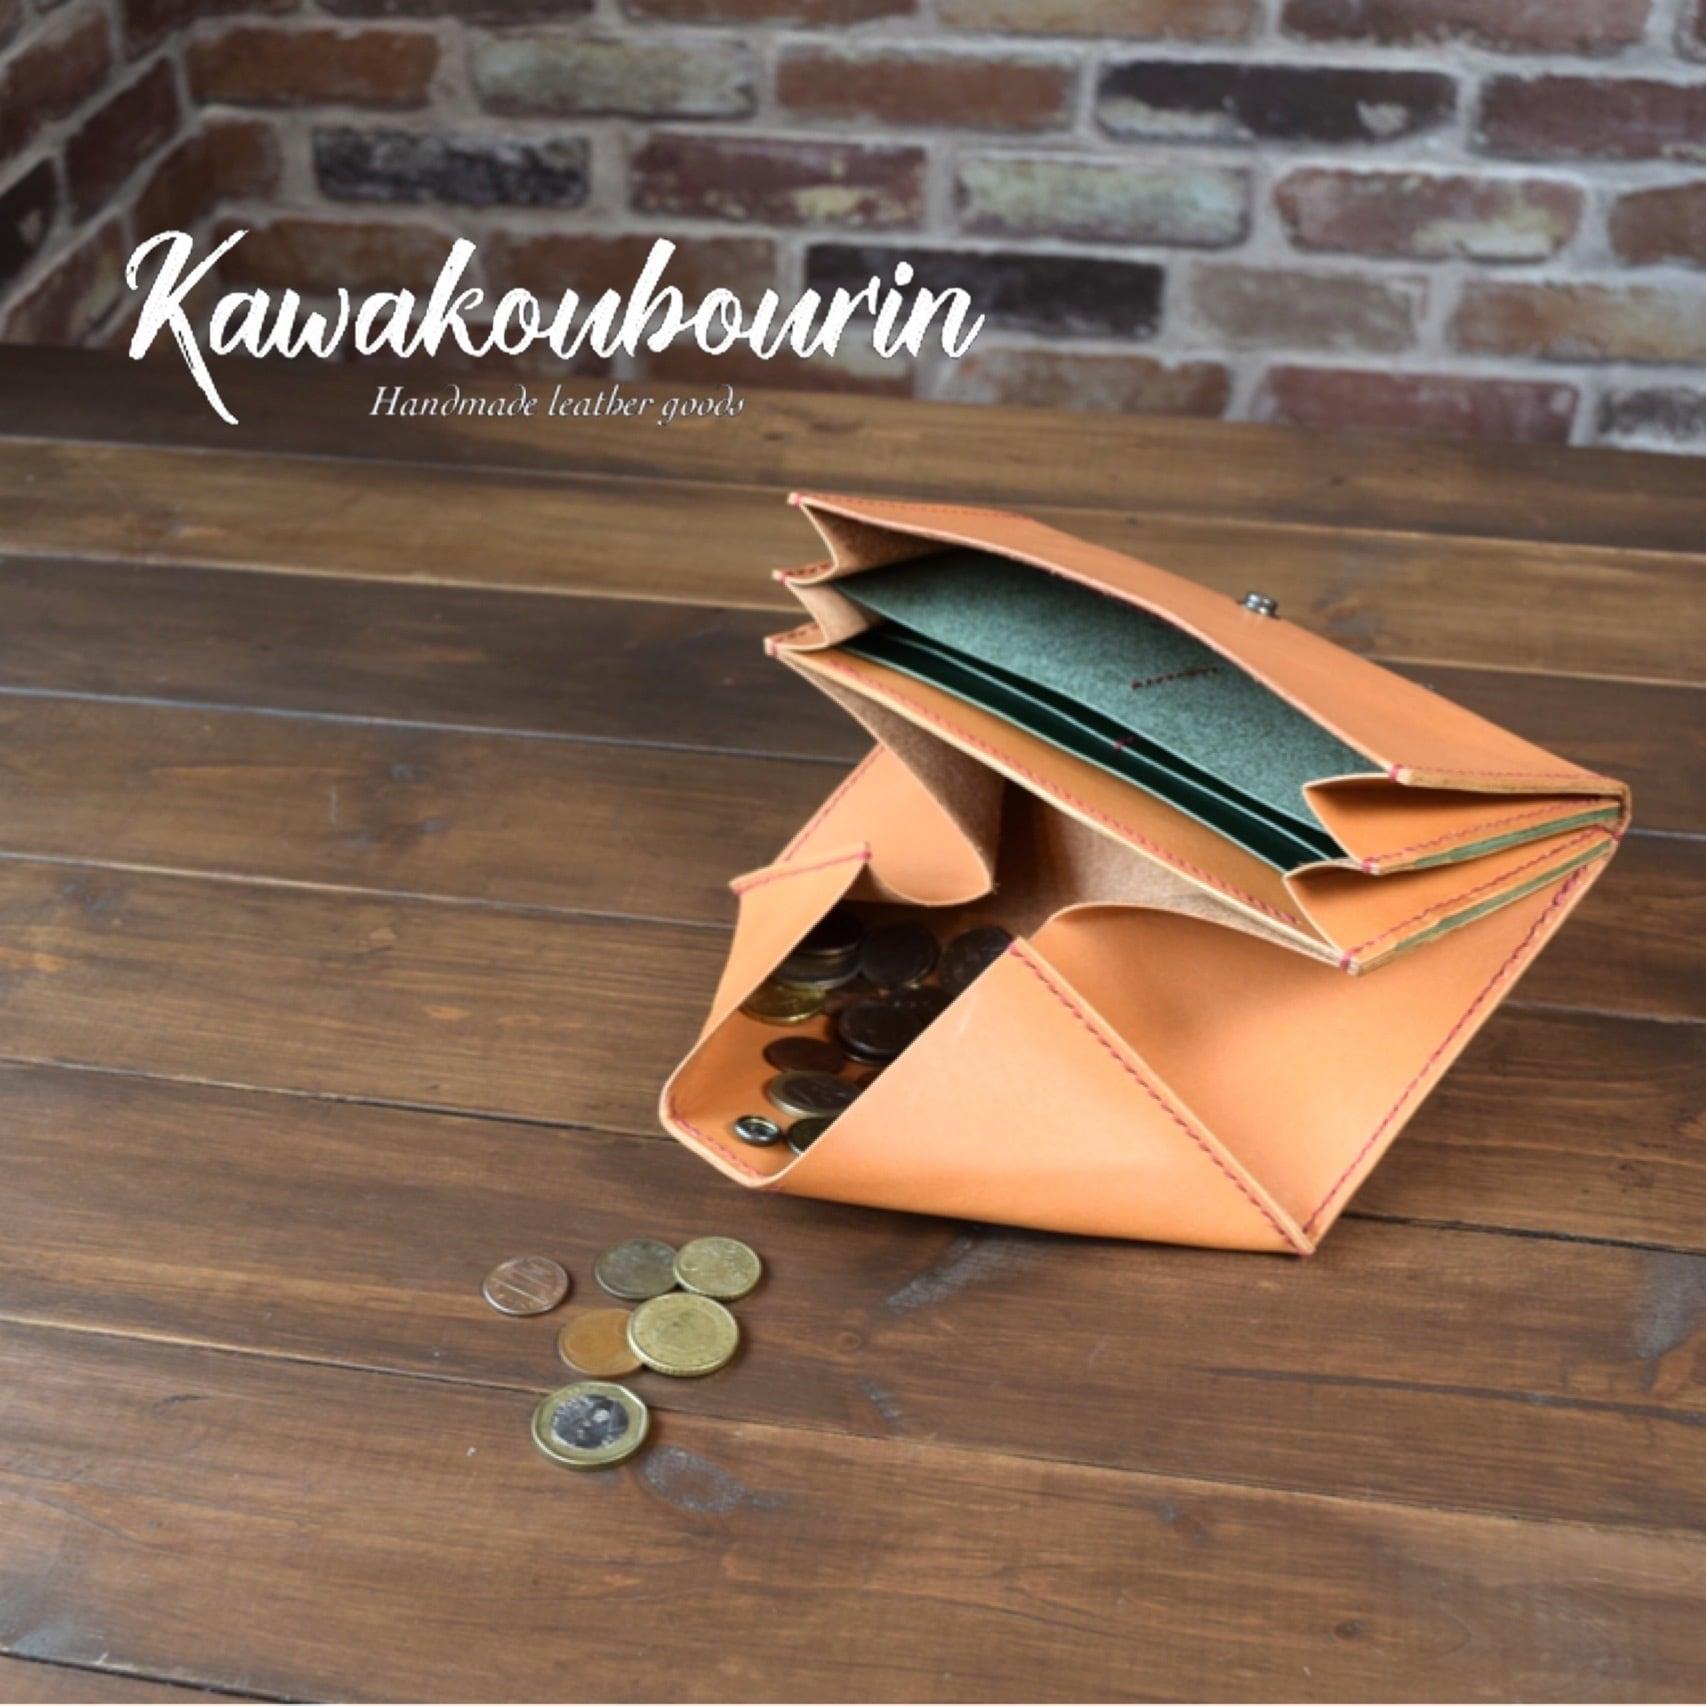 【オーダーメイド制作例】ギャルソン長財布 (KA235b2)